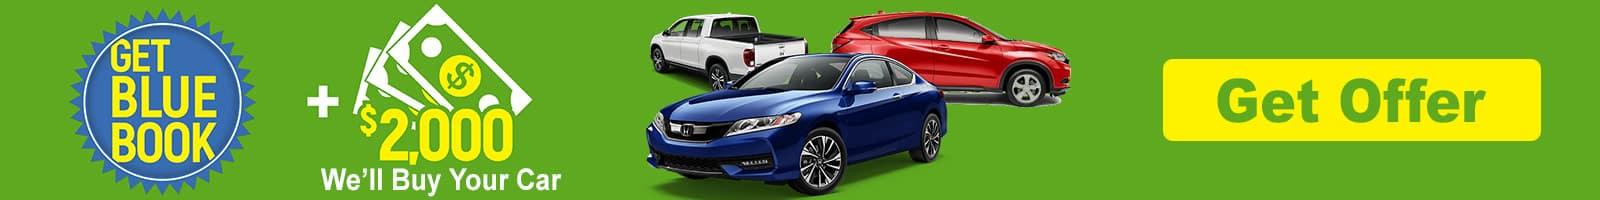 Get KBB Value Plus 2000 When We Buy Your Car